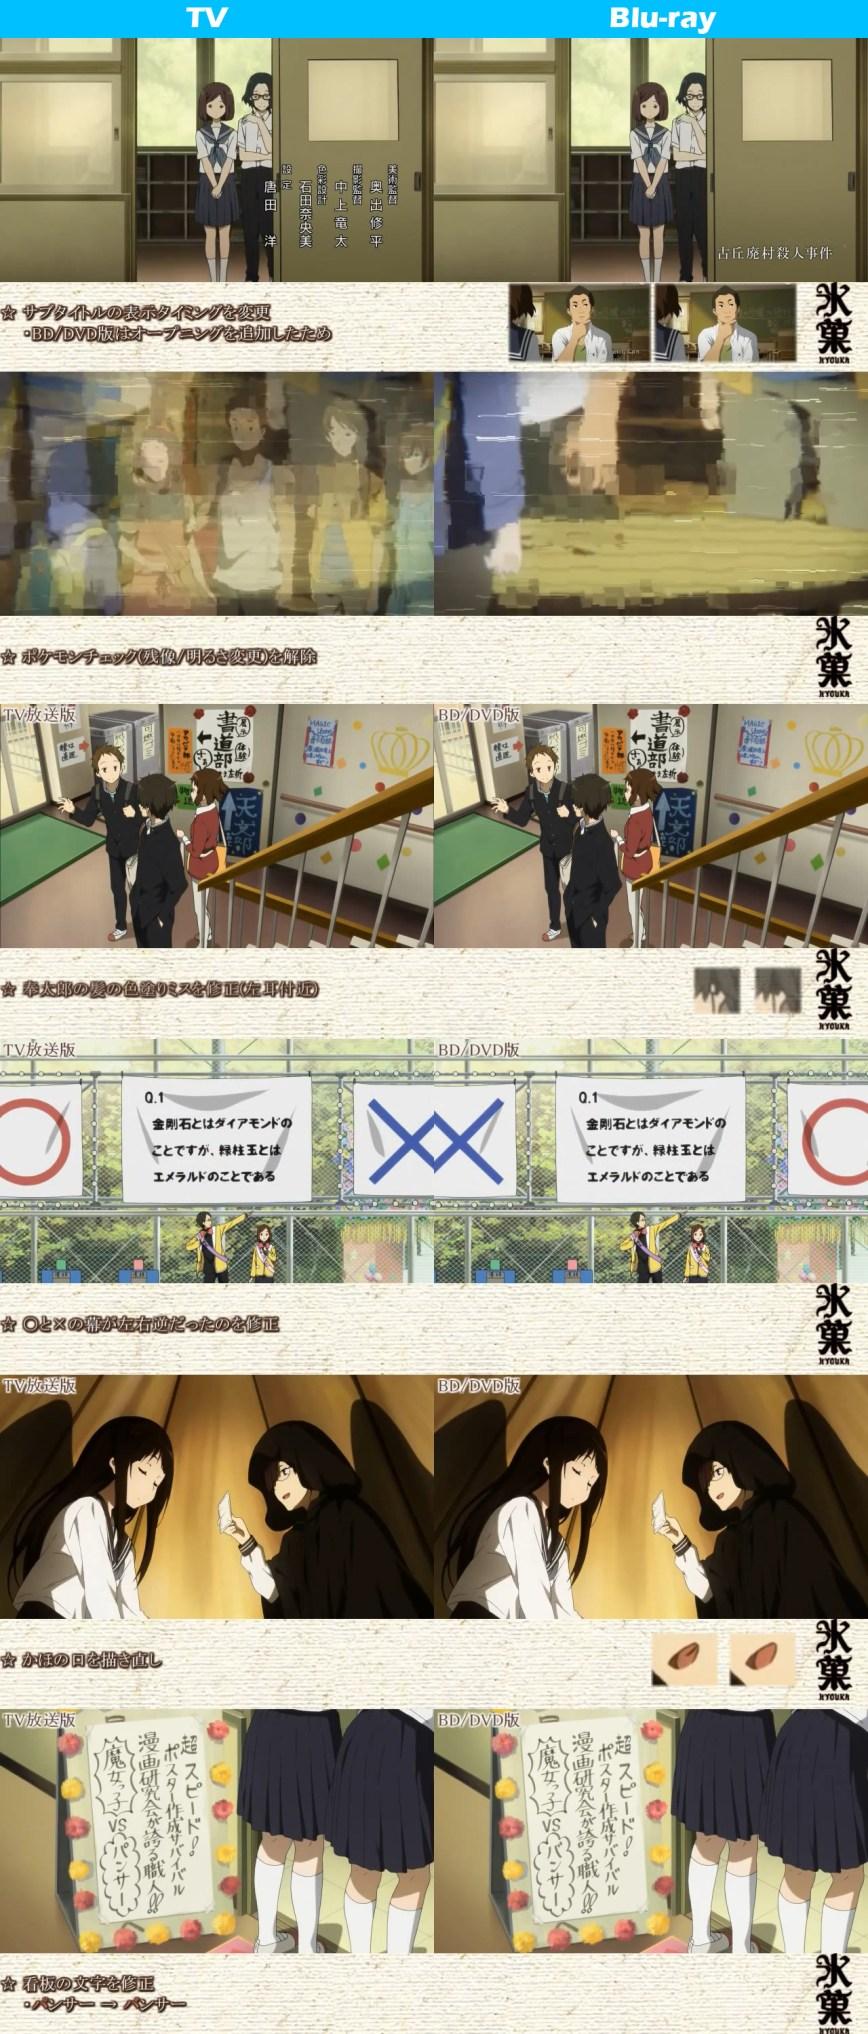 Hyouka-TV-vs-Blu-ray-Comparison-4